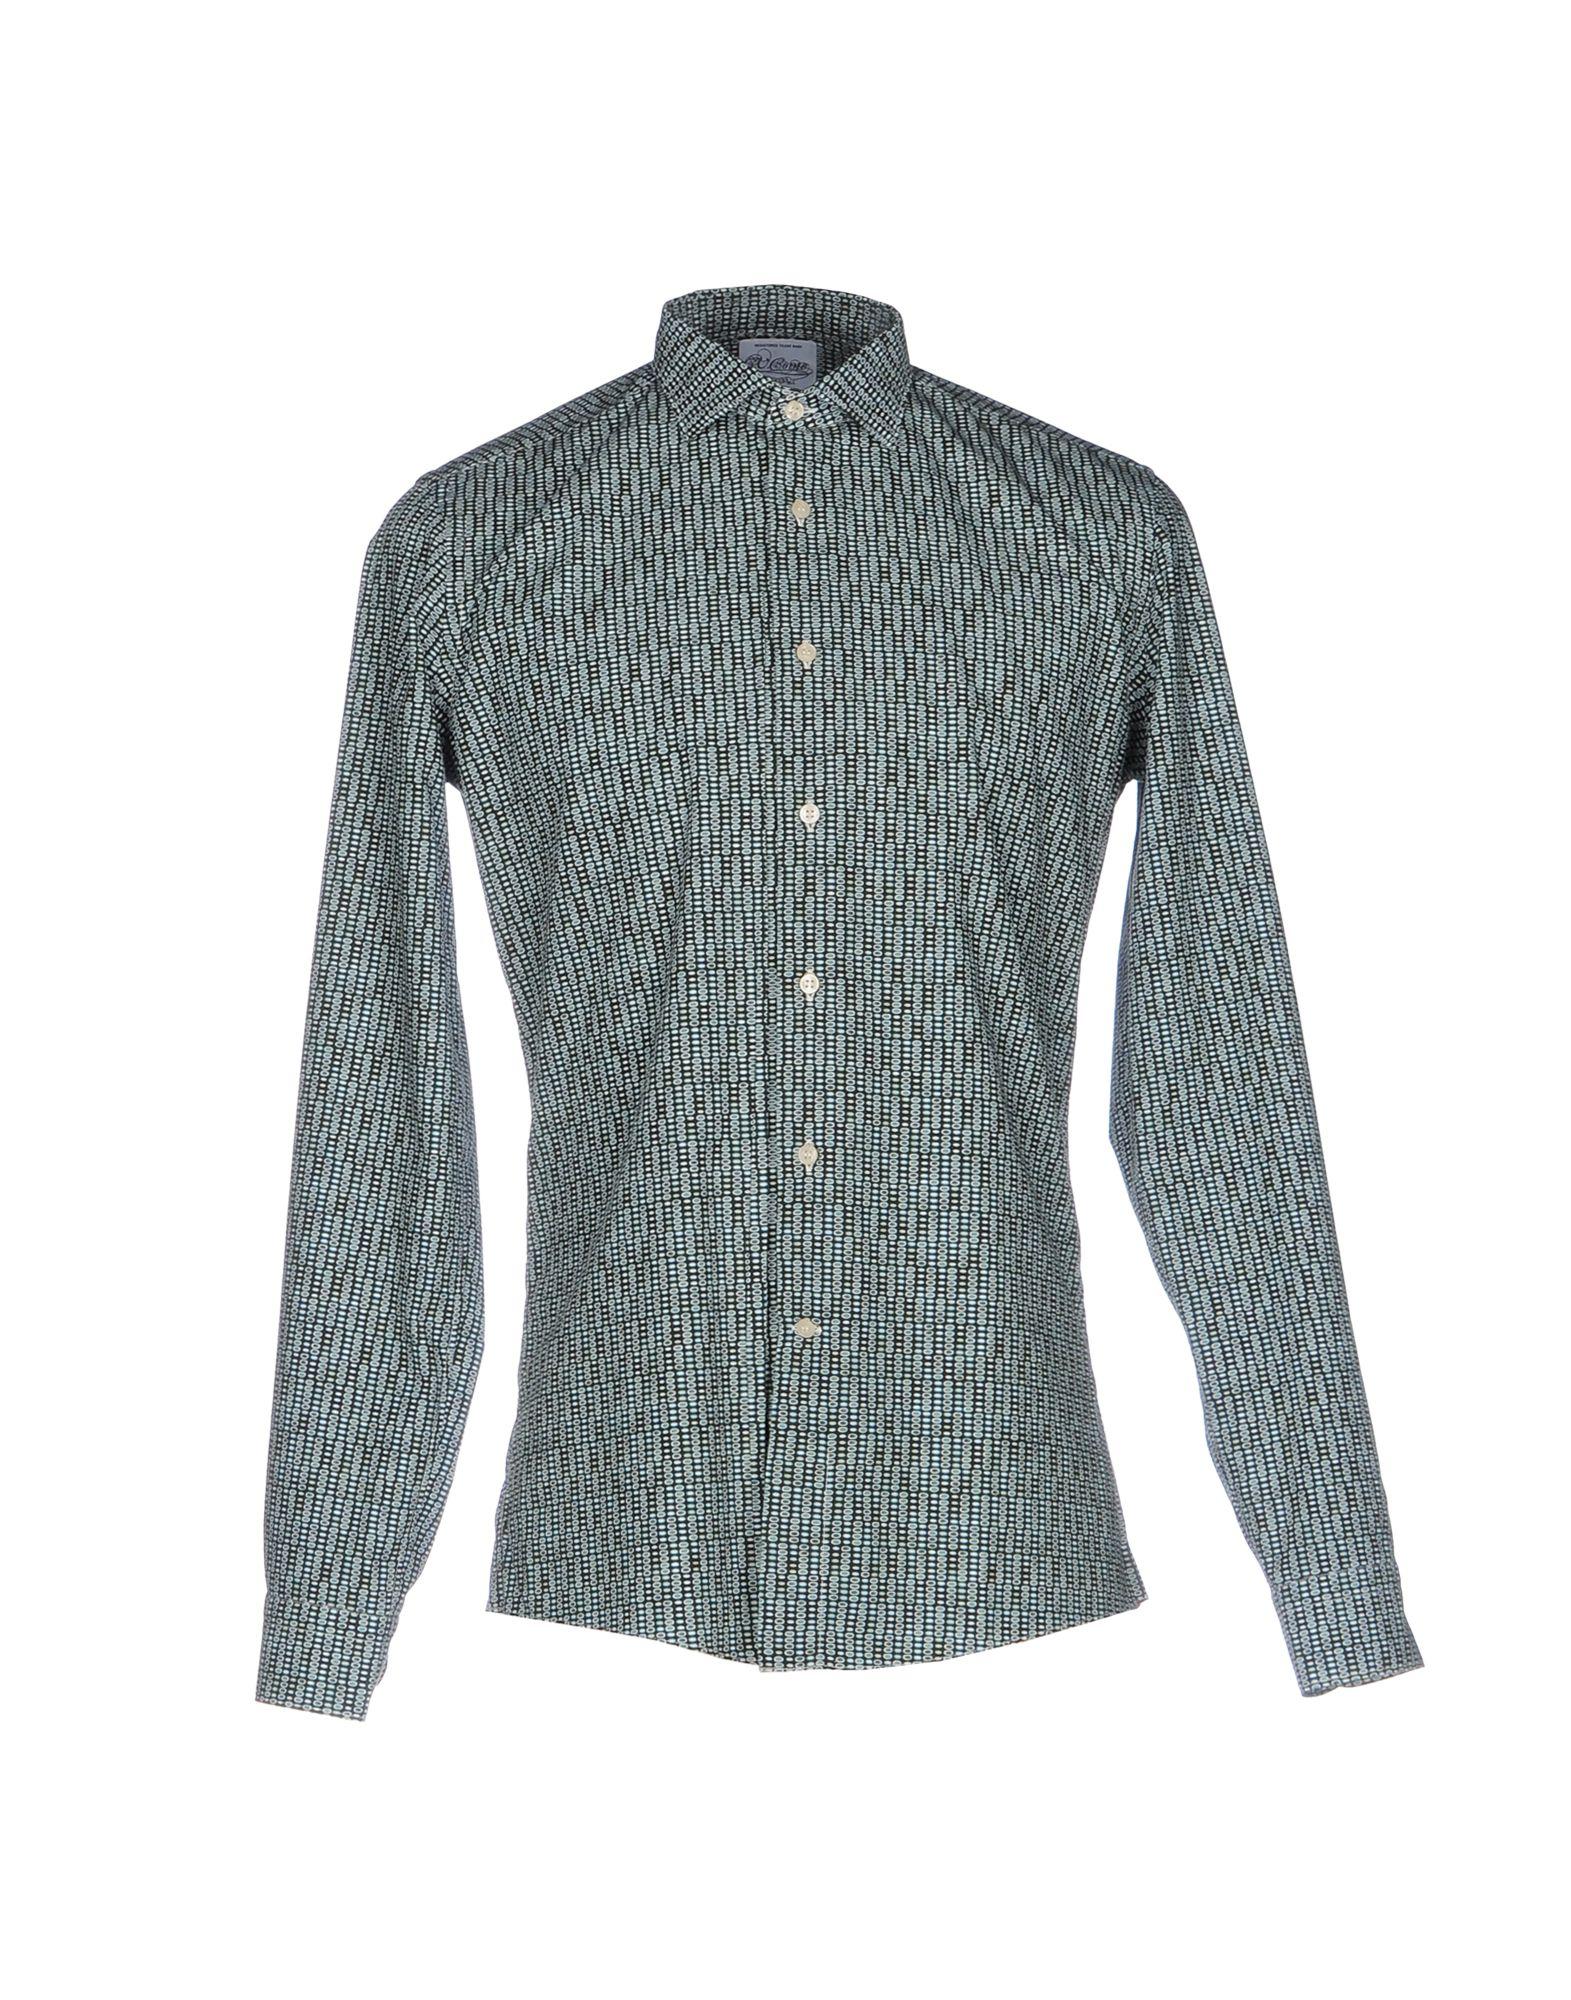 《送料無料》G.V. CONTE メンズ シャツ グリーン 40 コットン 100%